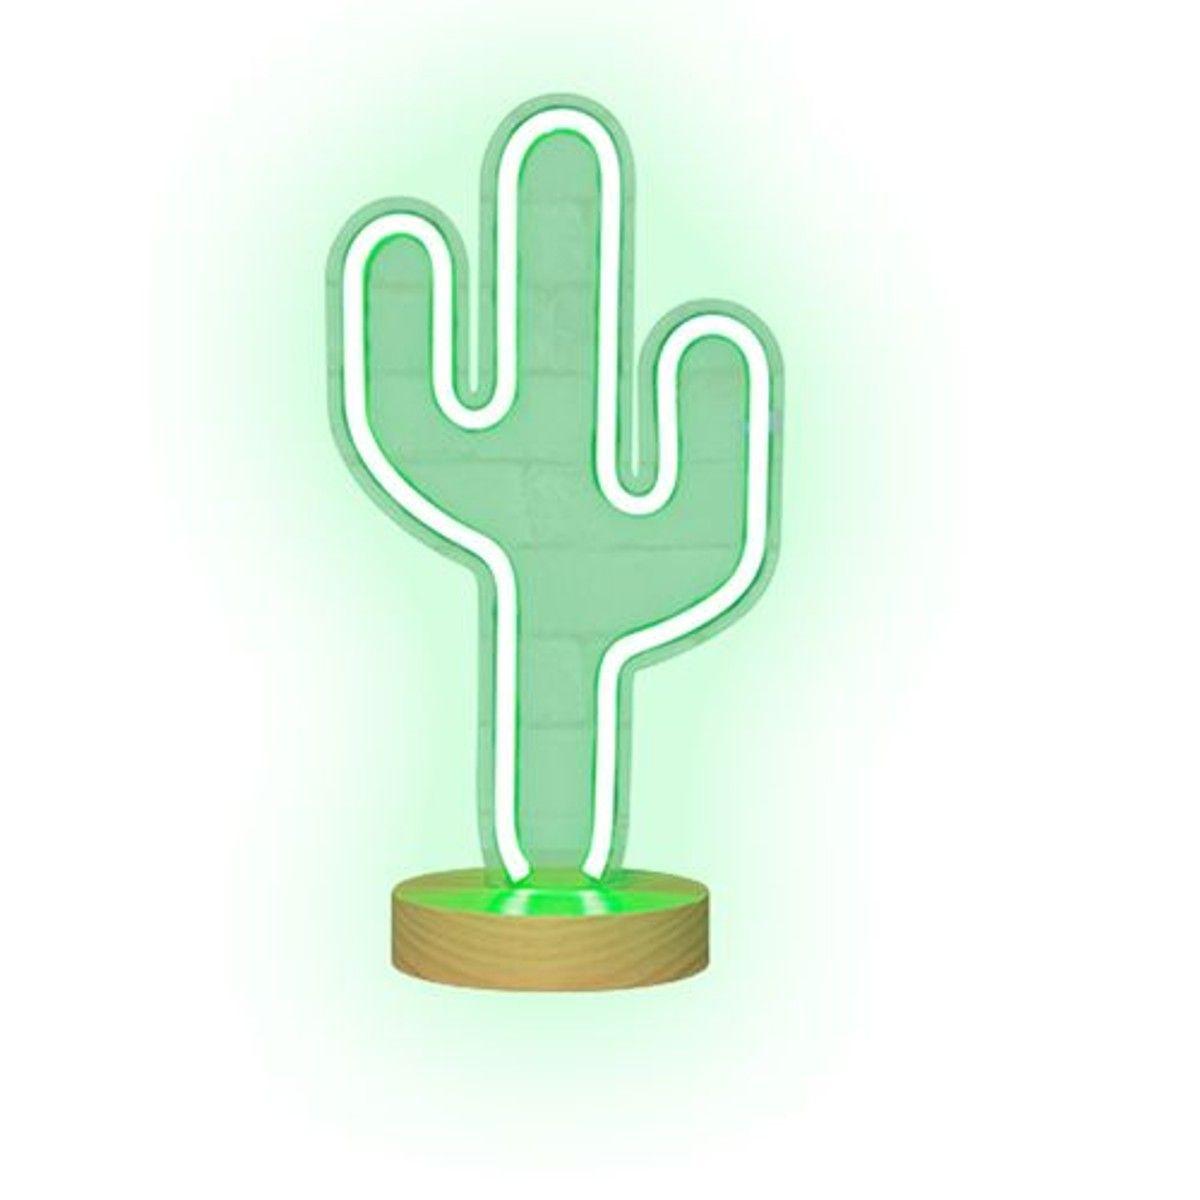 En Sur Cactus 41 Lampe Cm 2019Products Vert Pied Néon HYE2DW9I